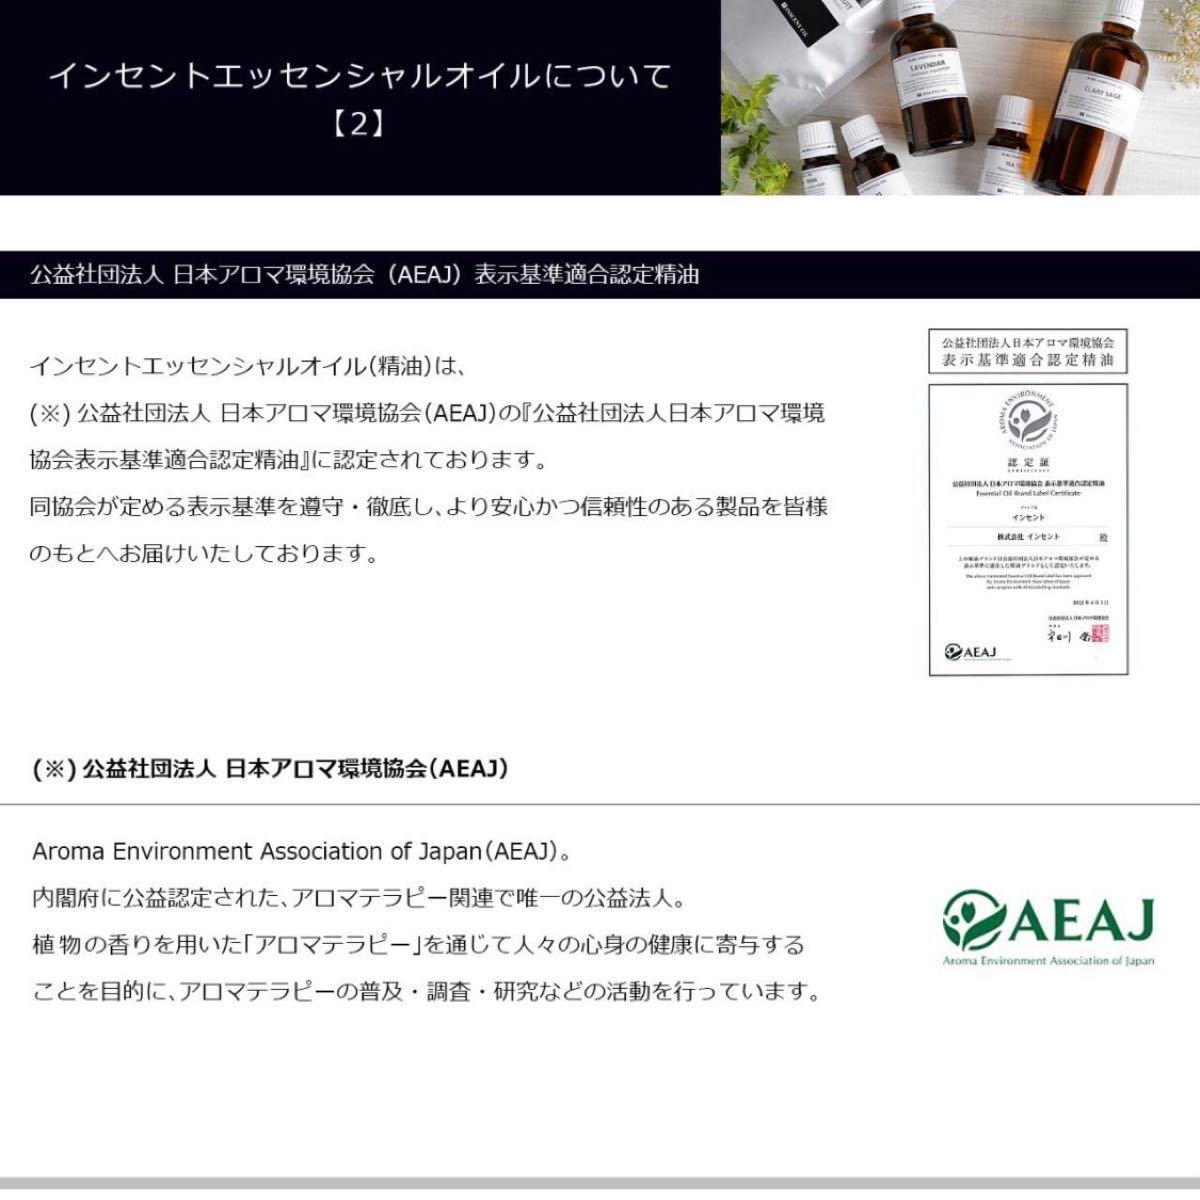 新品 エッセンシャルオイル 吉野ひのき 10ml ヒノキ インセント 100%天然精油 アロマオイル アロマセラピー 癒し 正規品